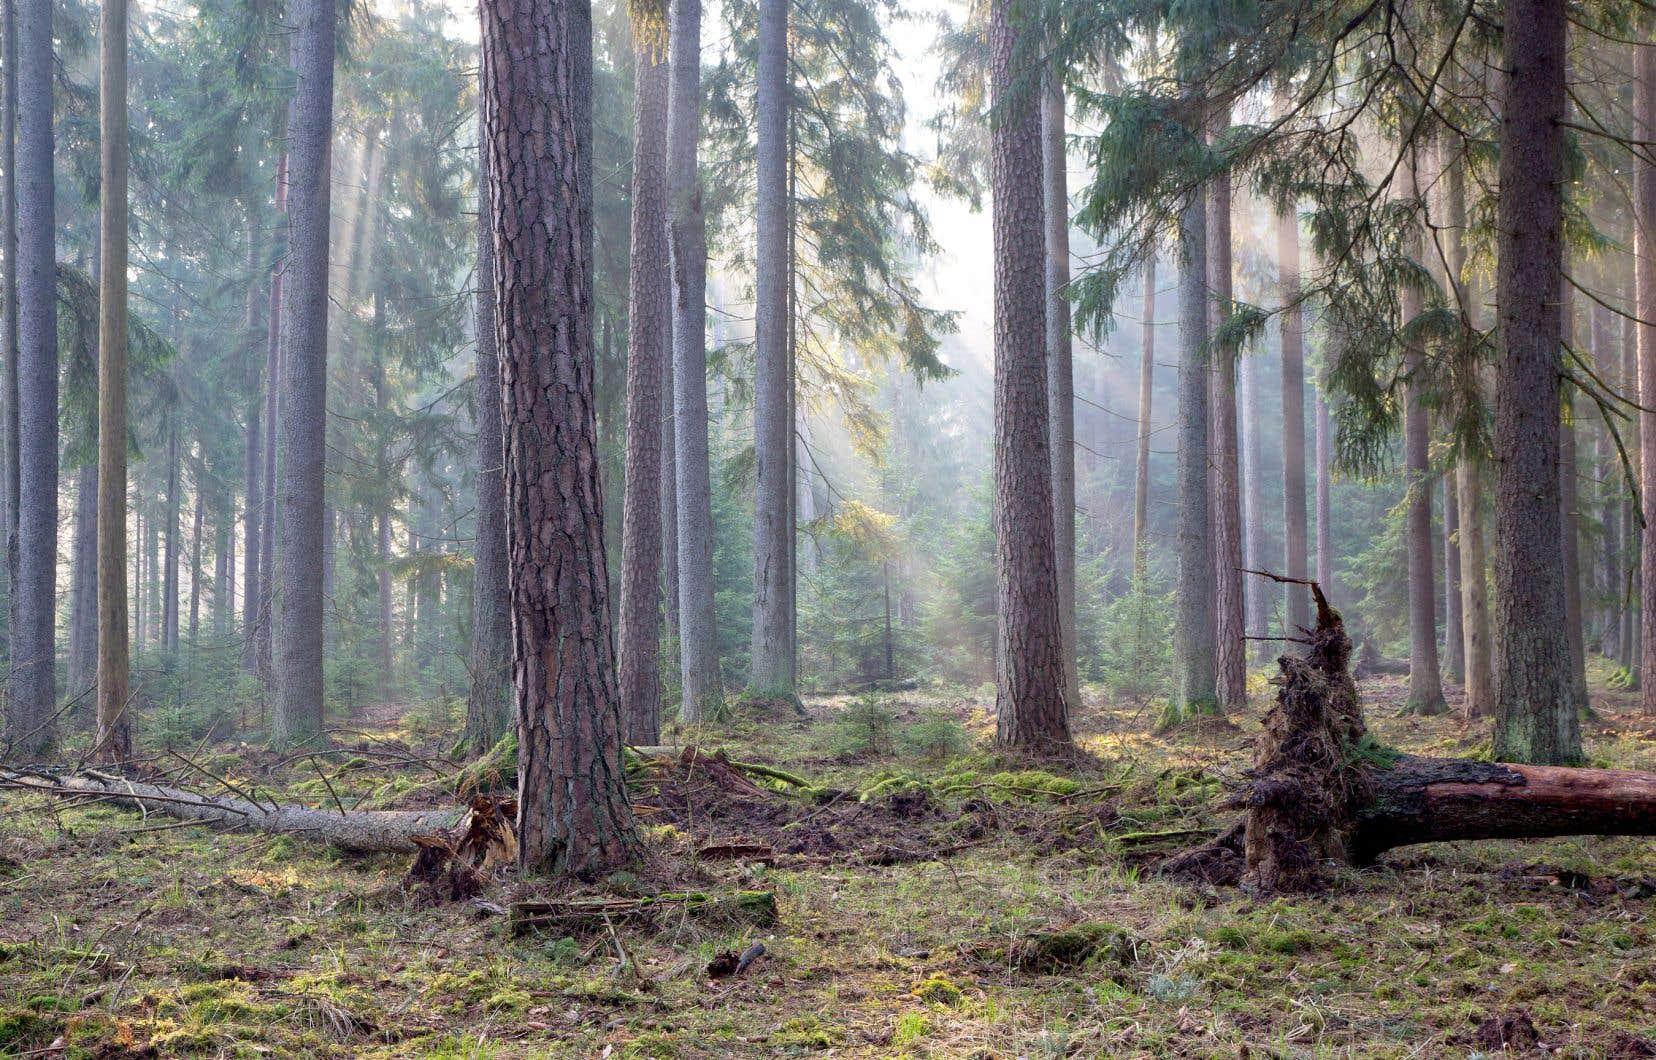 Abritant 250 espèces d'oiseaux, 59 espèces de mammifères et des centaines de mousses en tout genre, la forêt primaire de Białowieża est classée au patrimoine mondial de l'UNESCO depuis 1979.